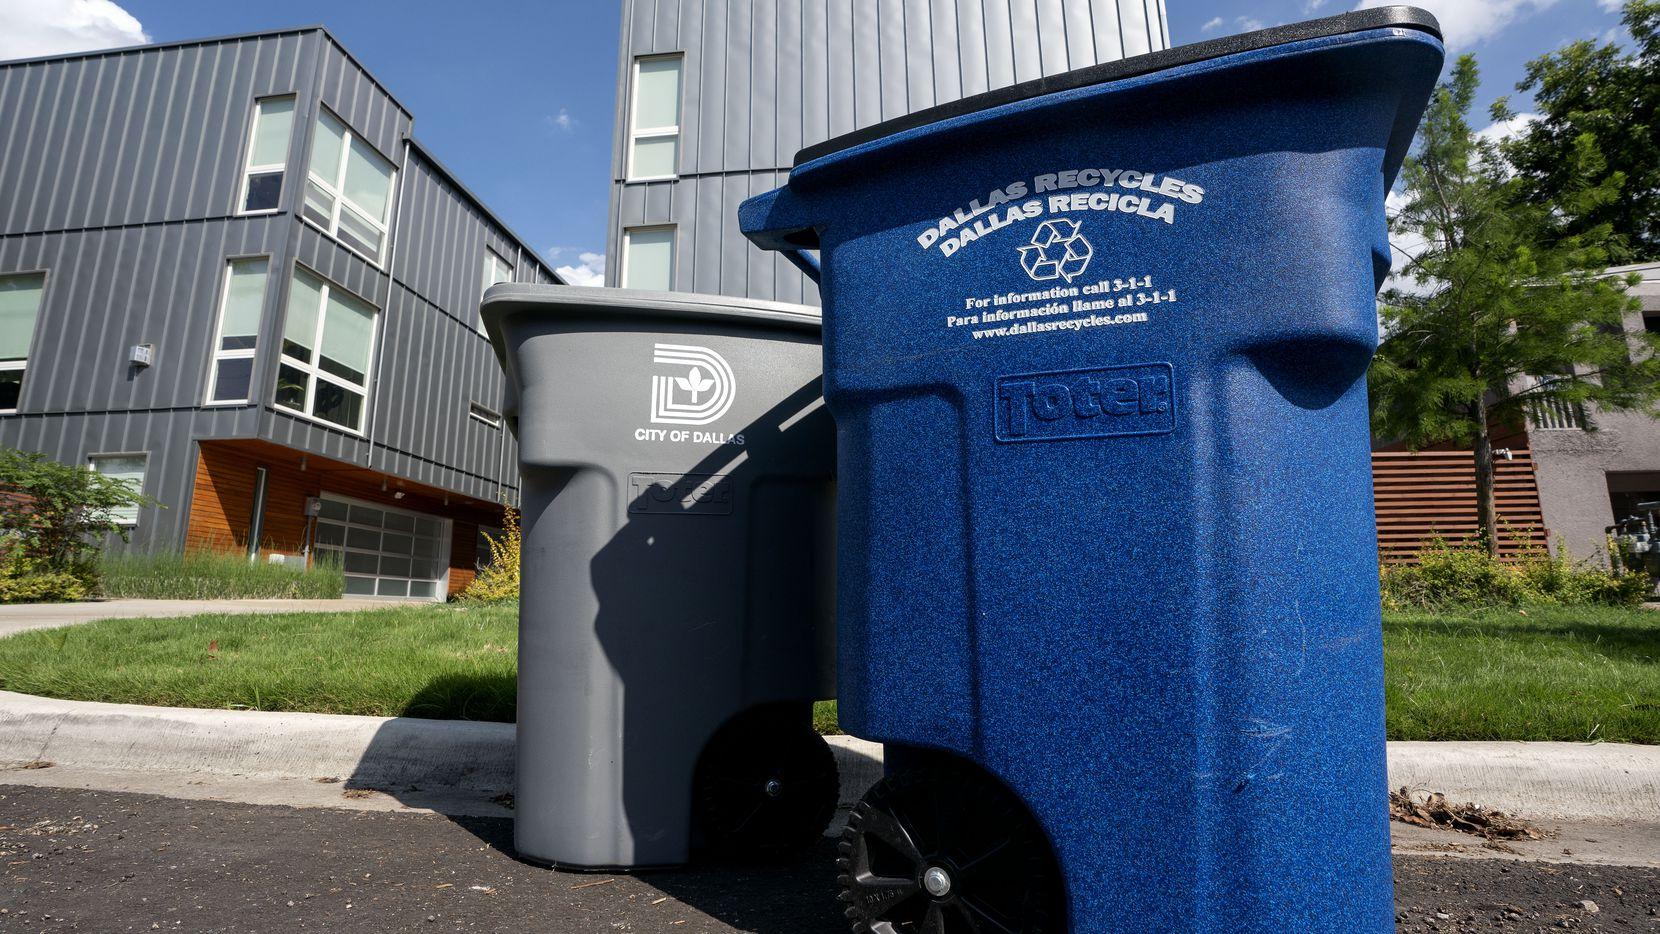 La ciudad de Dallas recicla algunos materiales como papel, vidrio y metales; pero no todo es reciclable